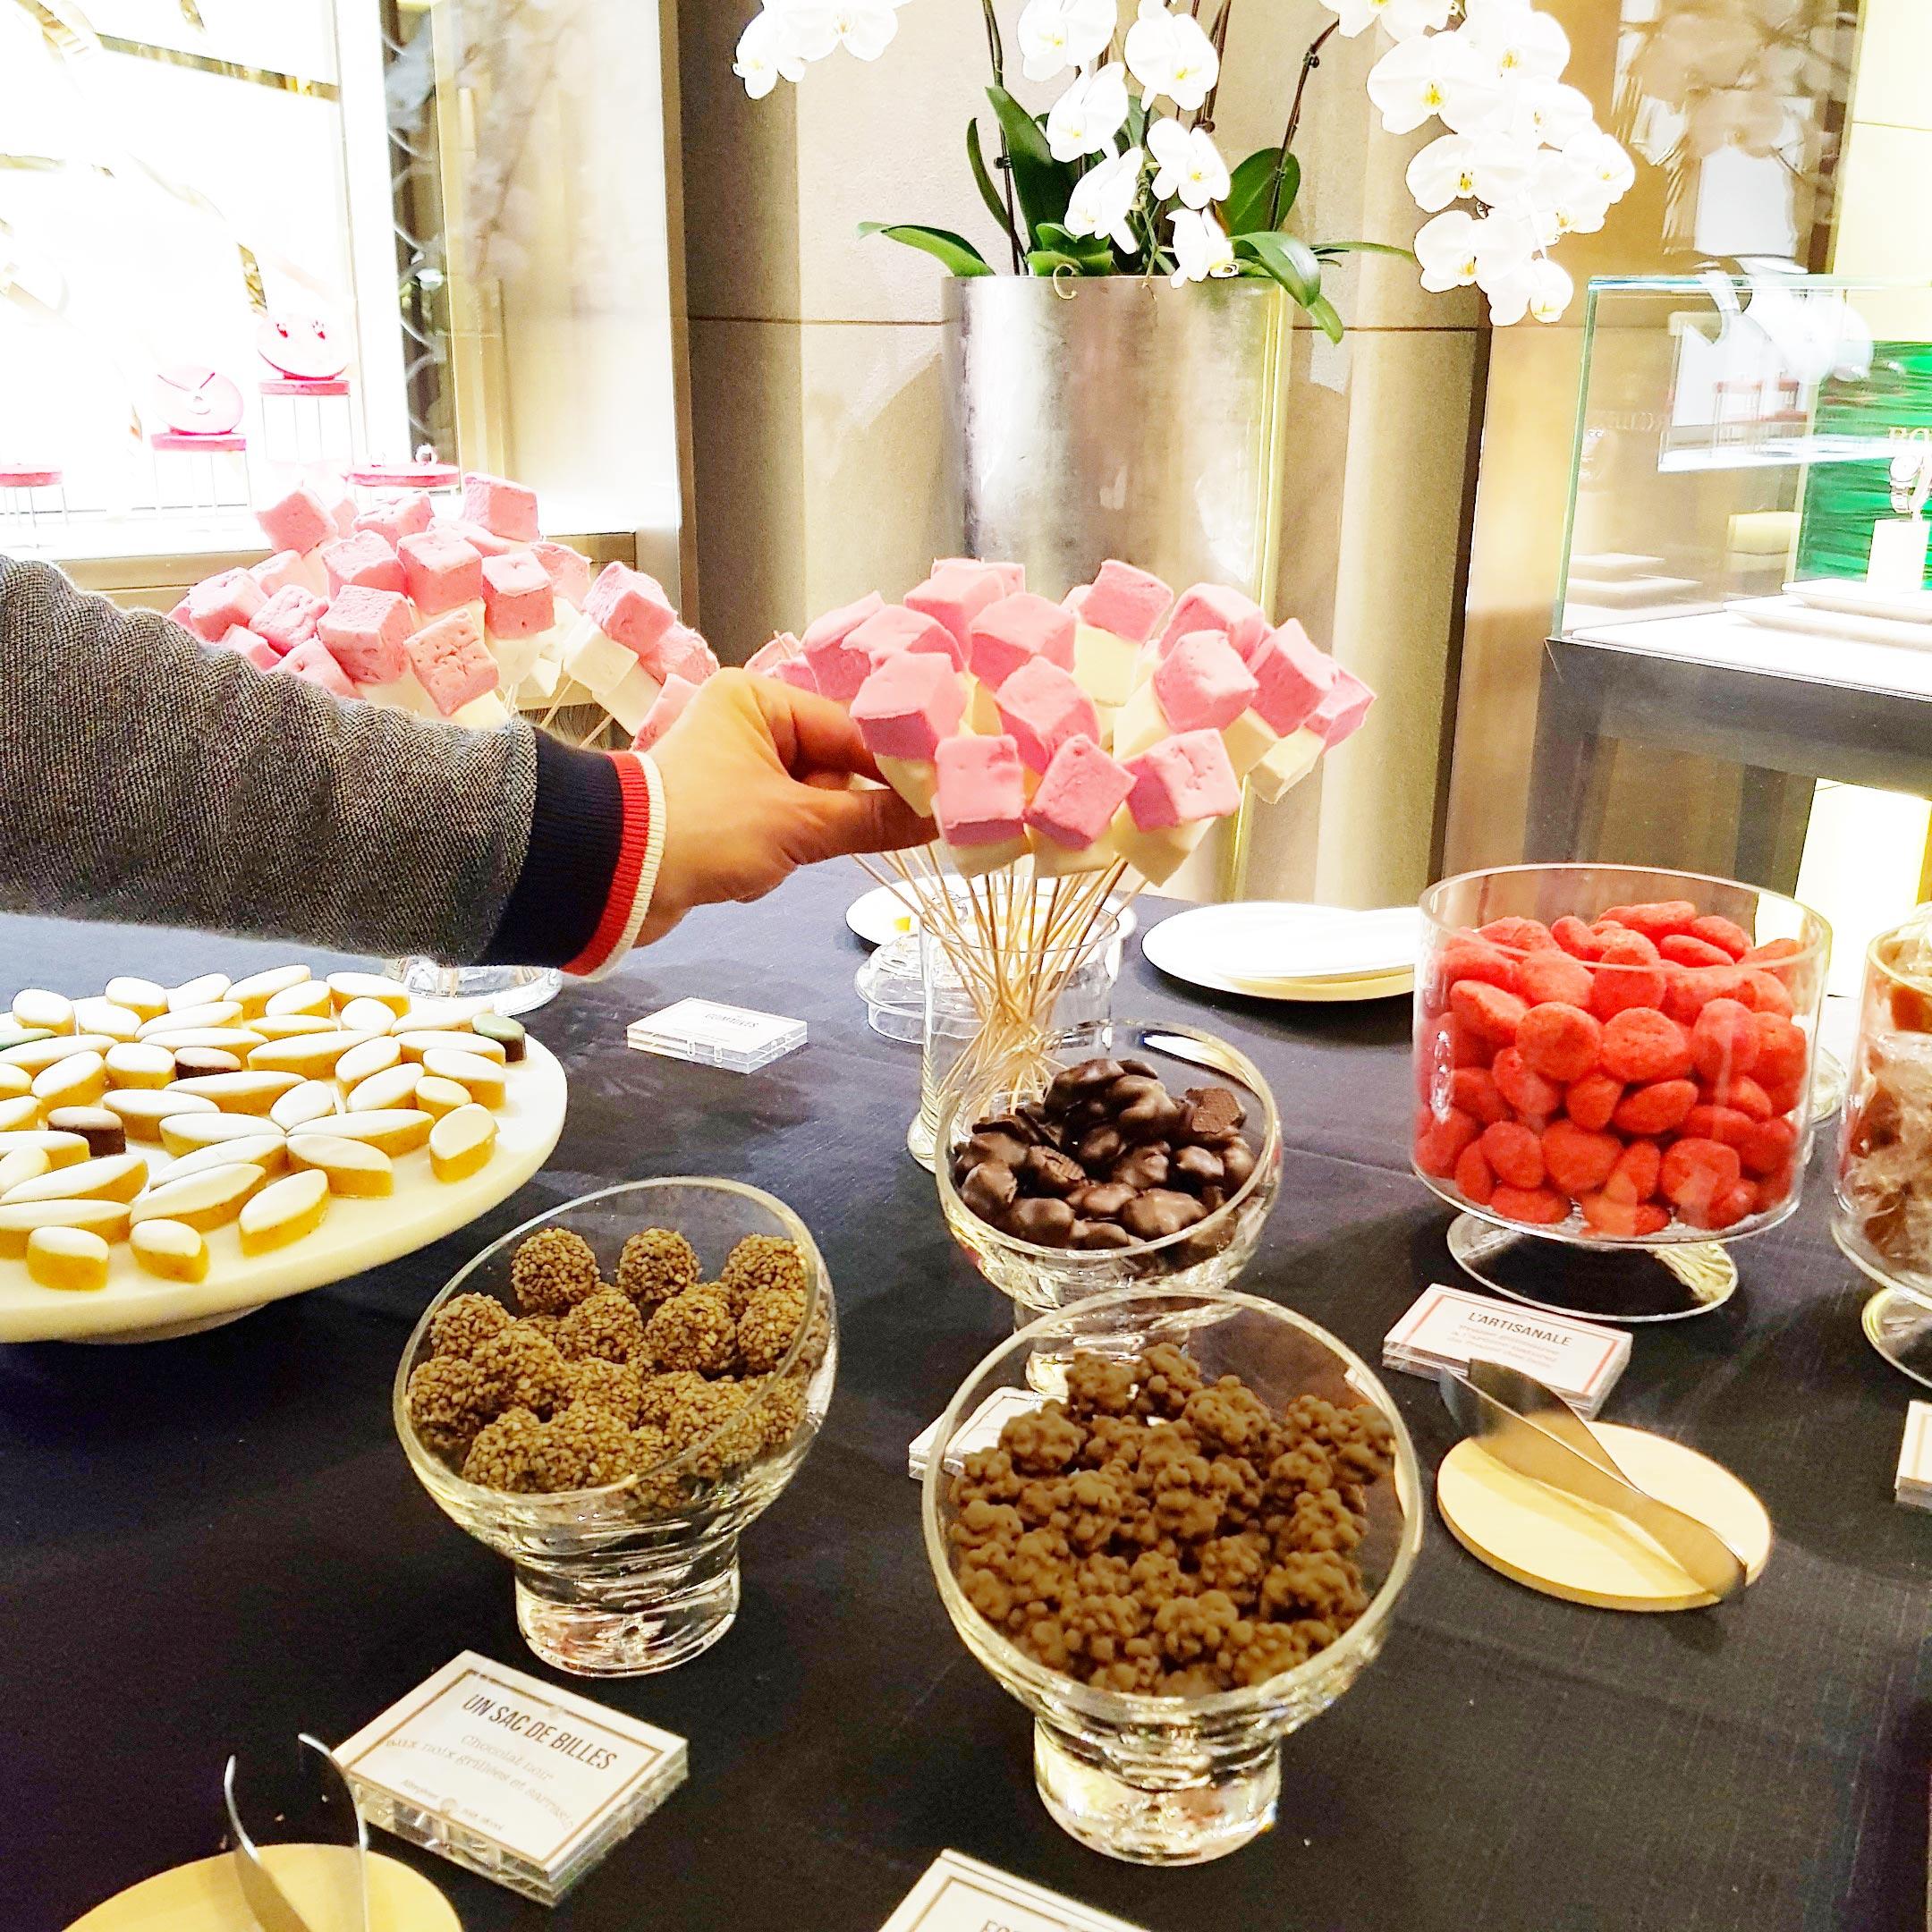 Bar à bonbon nougat , calisson , guimauve, fraise, chocolaté, ourson en guimauve au chocolat, café , ourson gélifié